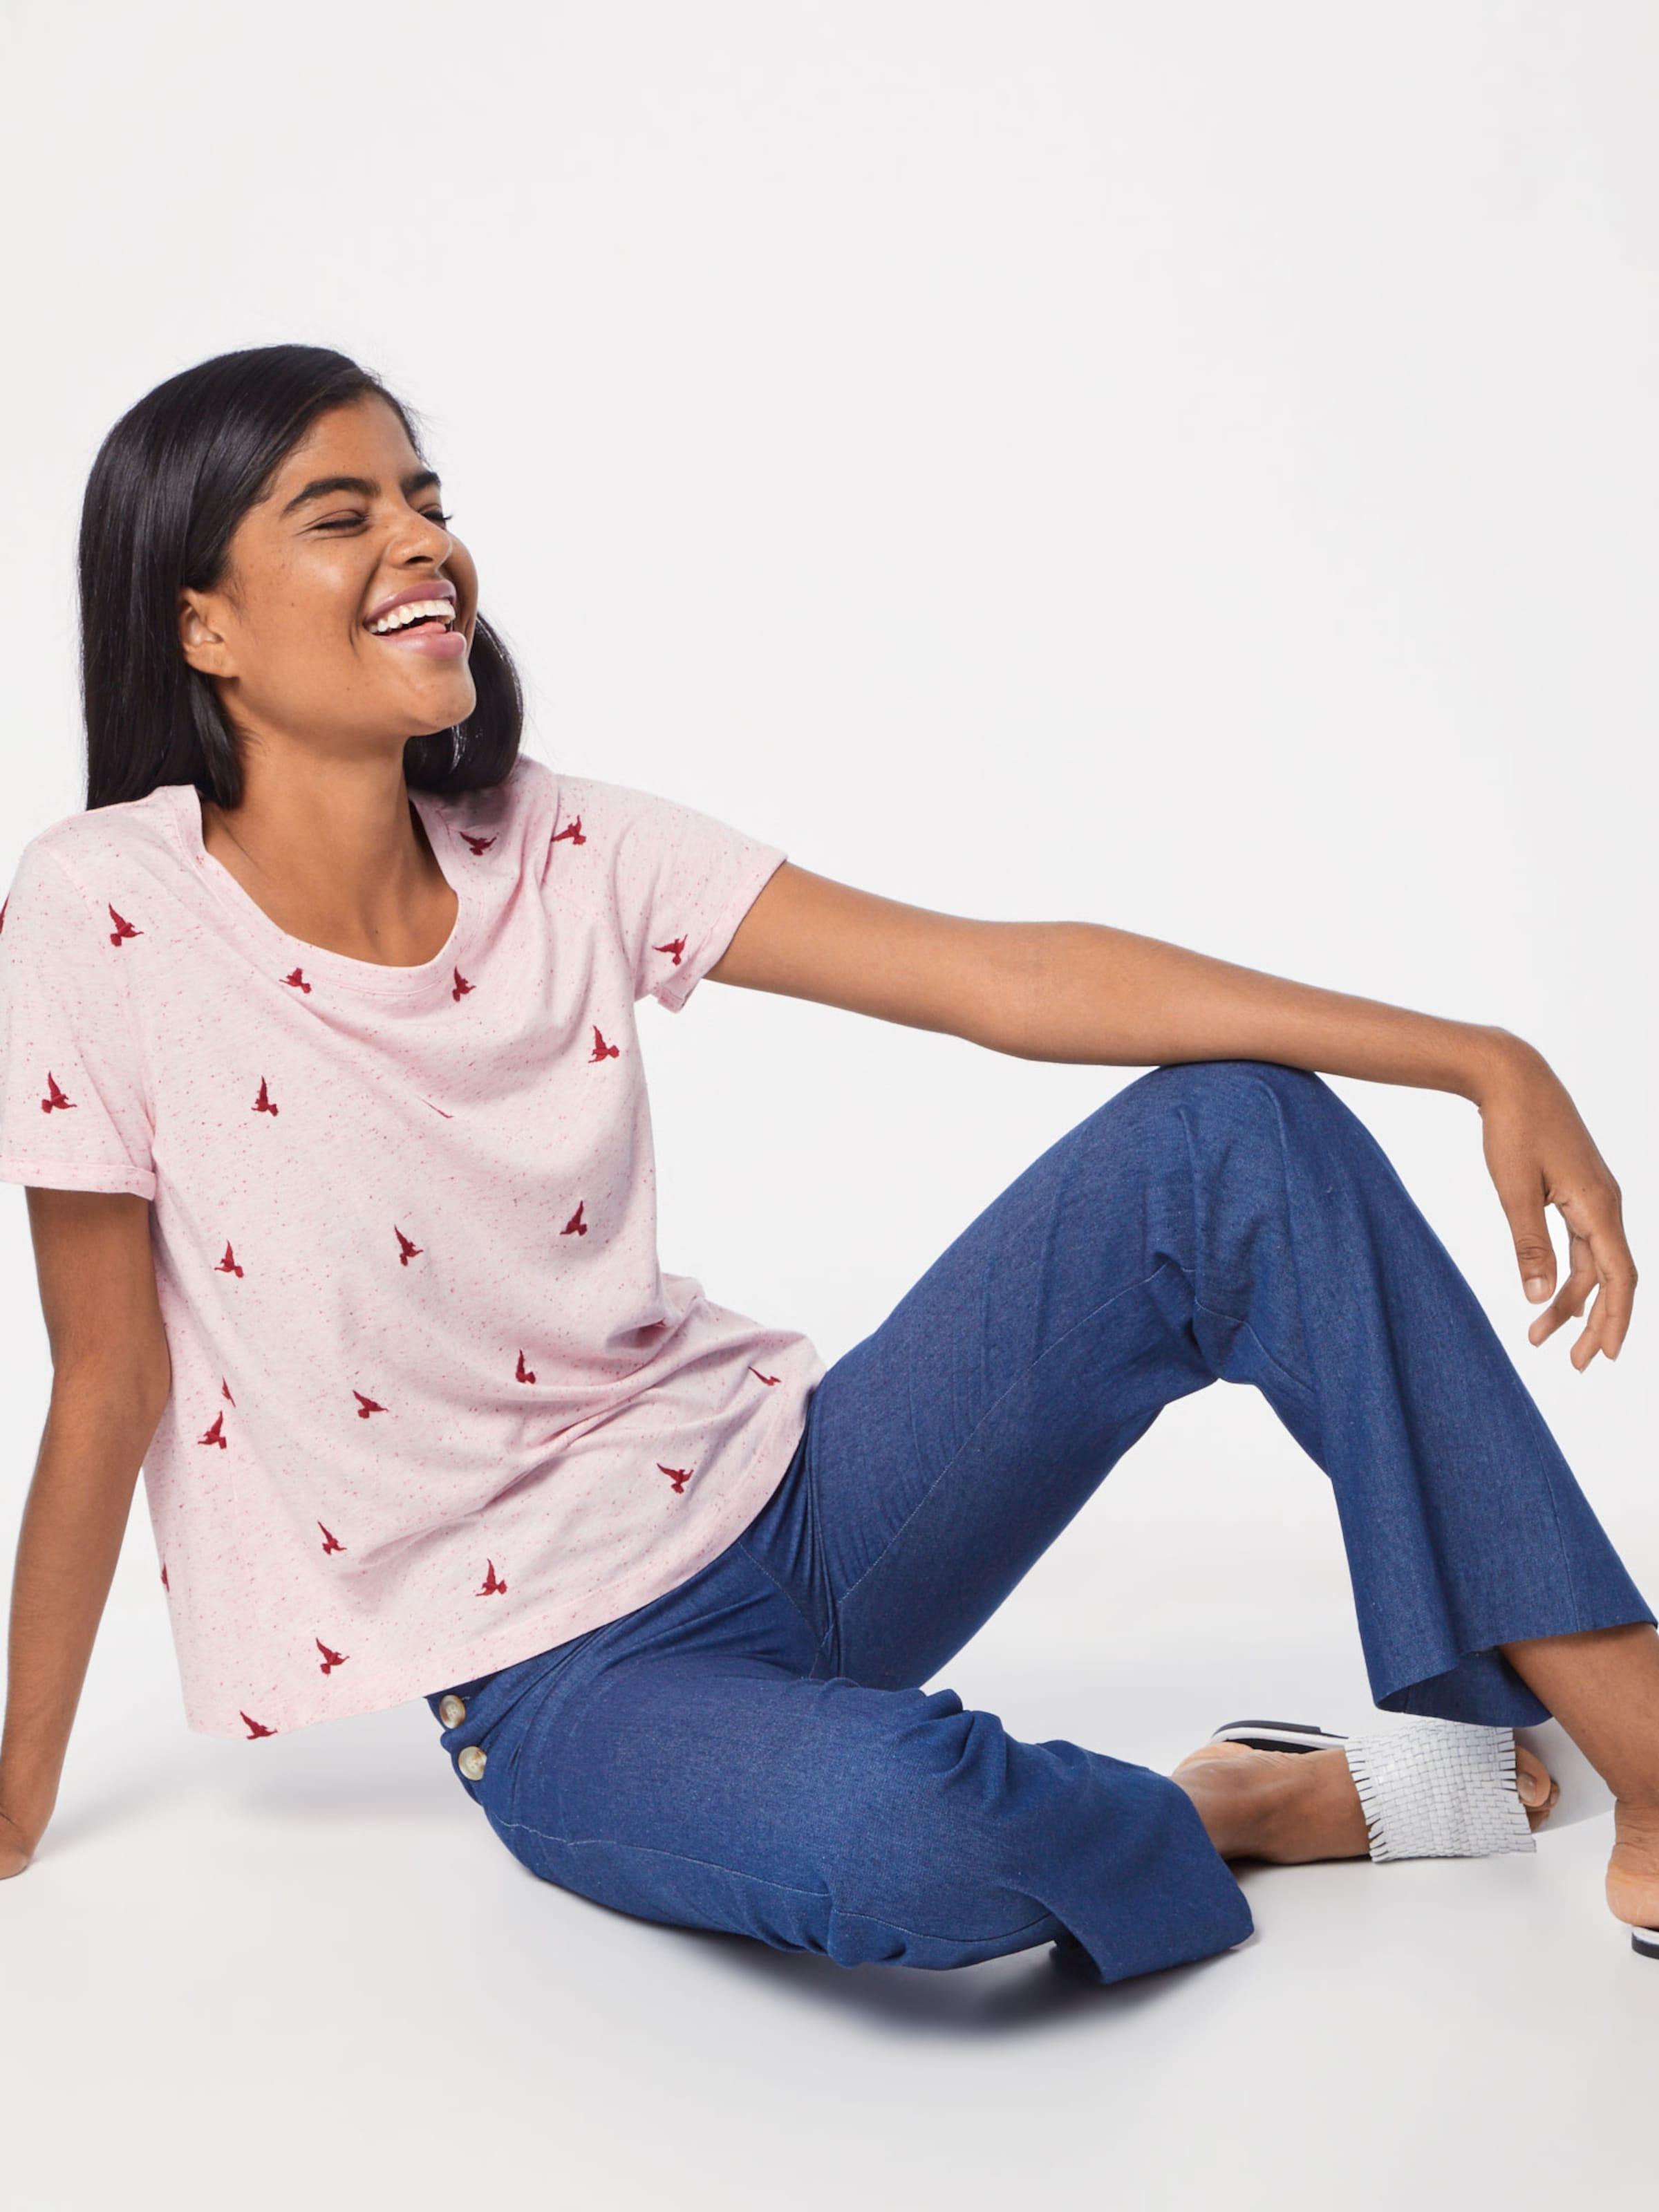 Red PinkKirschrot S Jerseyshirt oliver In Label c5Ajq3RL4